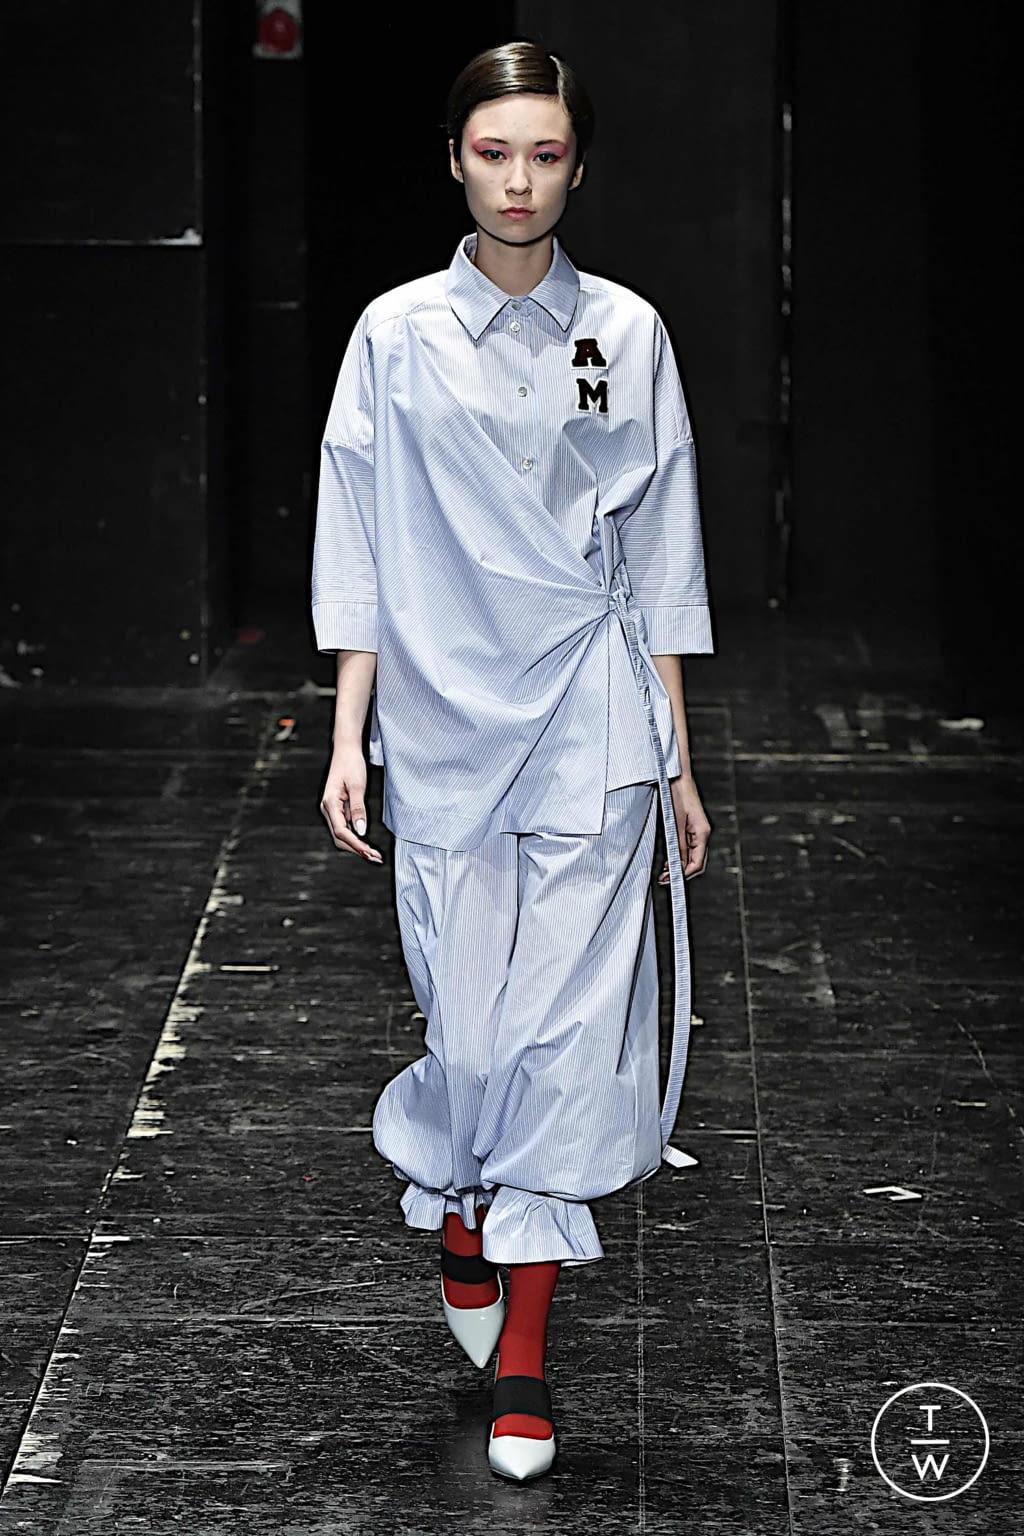 Fashion Week Milan Spring/Summer 2020 look 15 de la collection Antonio Marras womenswear